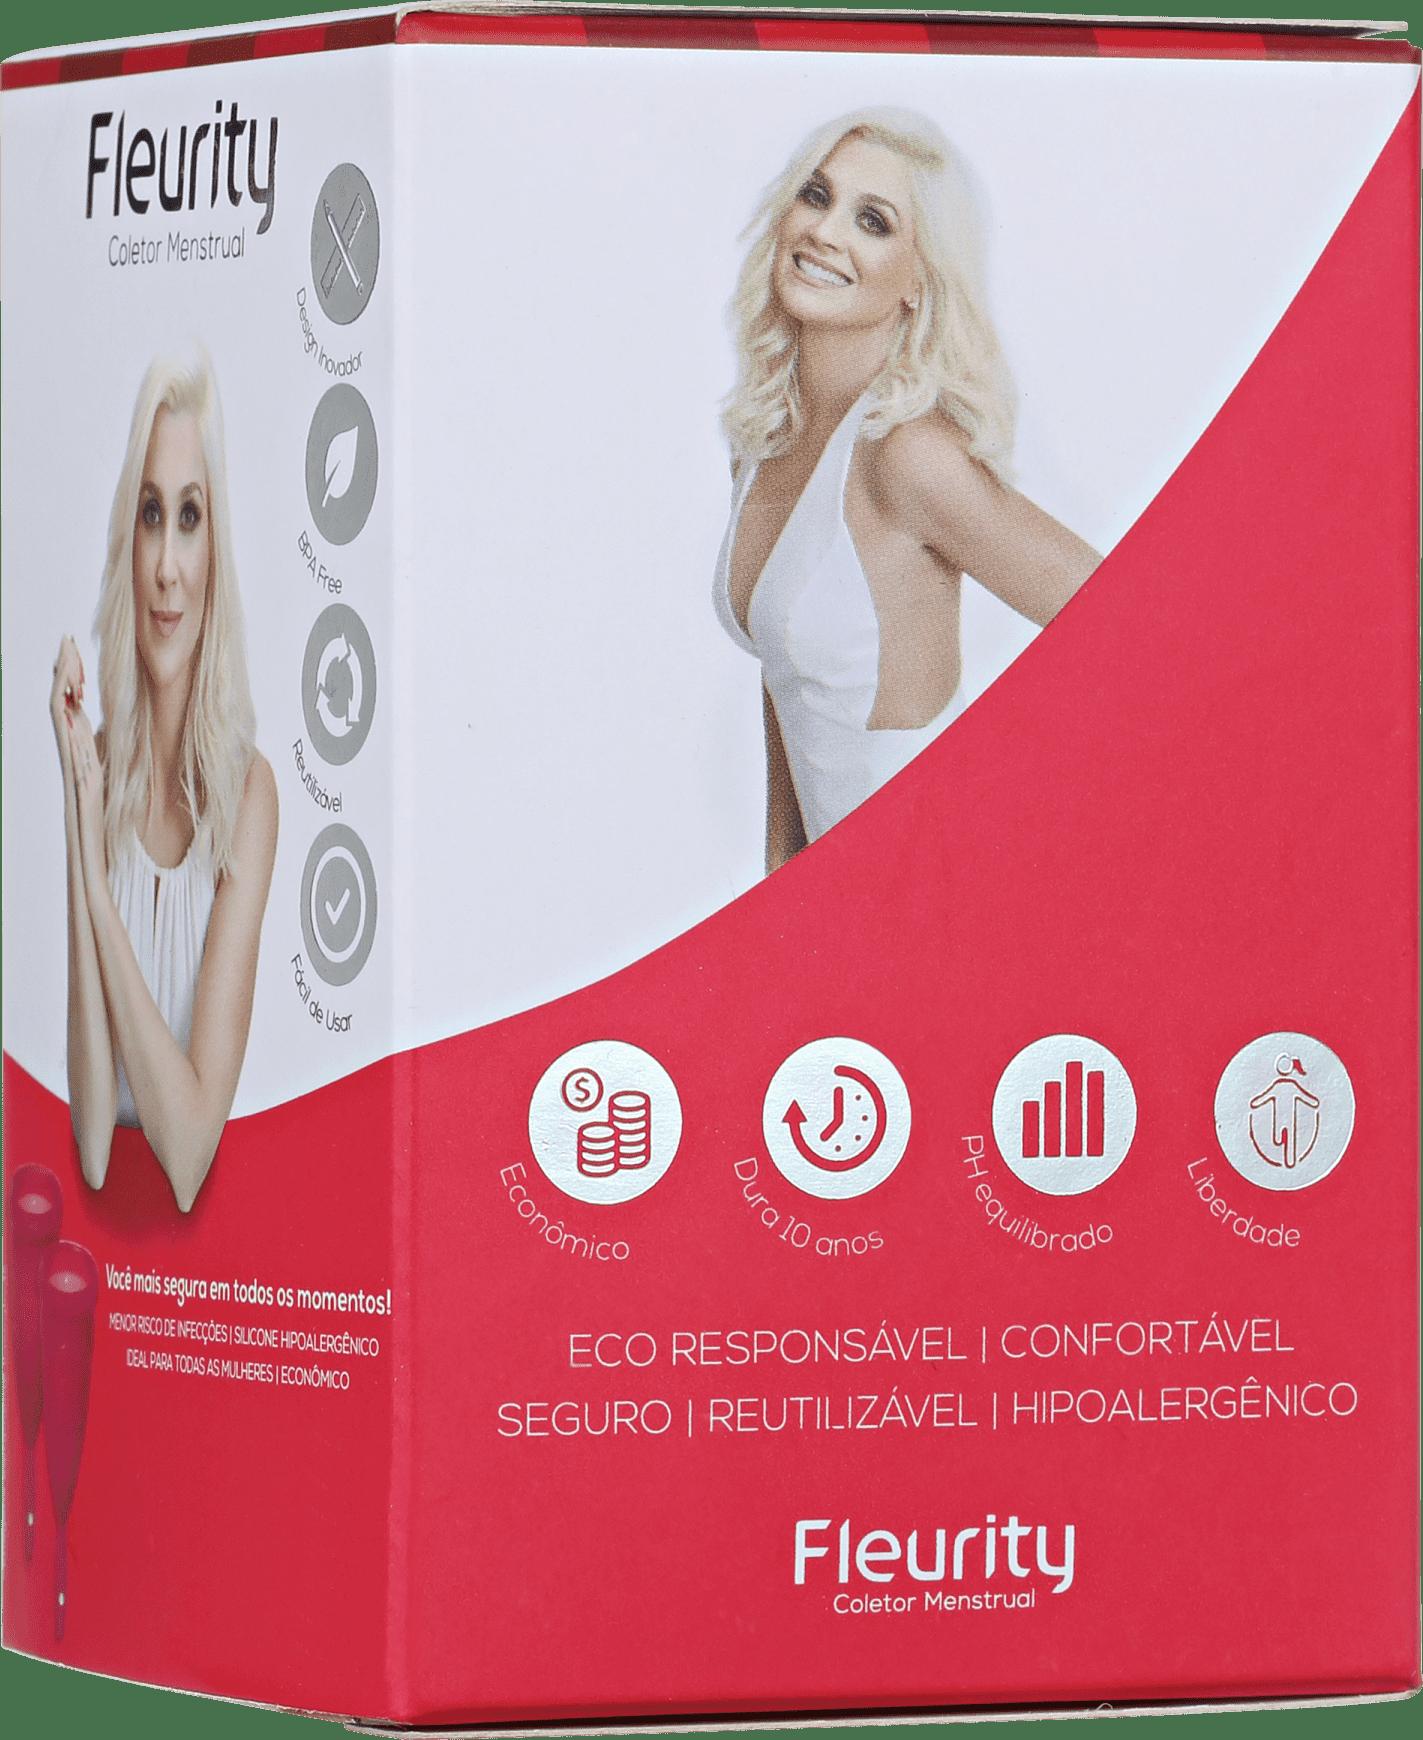 51b7c47b7 Fleurity Tipo 1 (+30 anos ou com filhos) - Coletor Menstrual (2